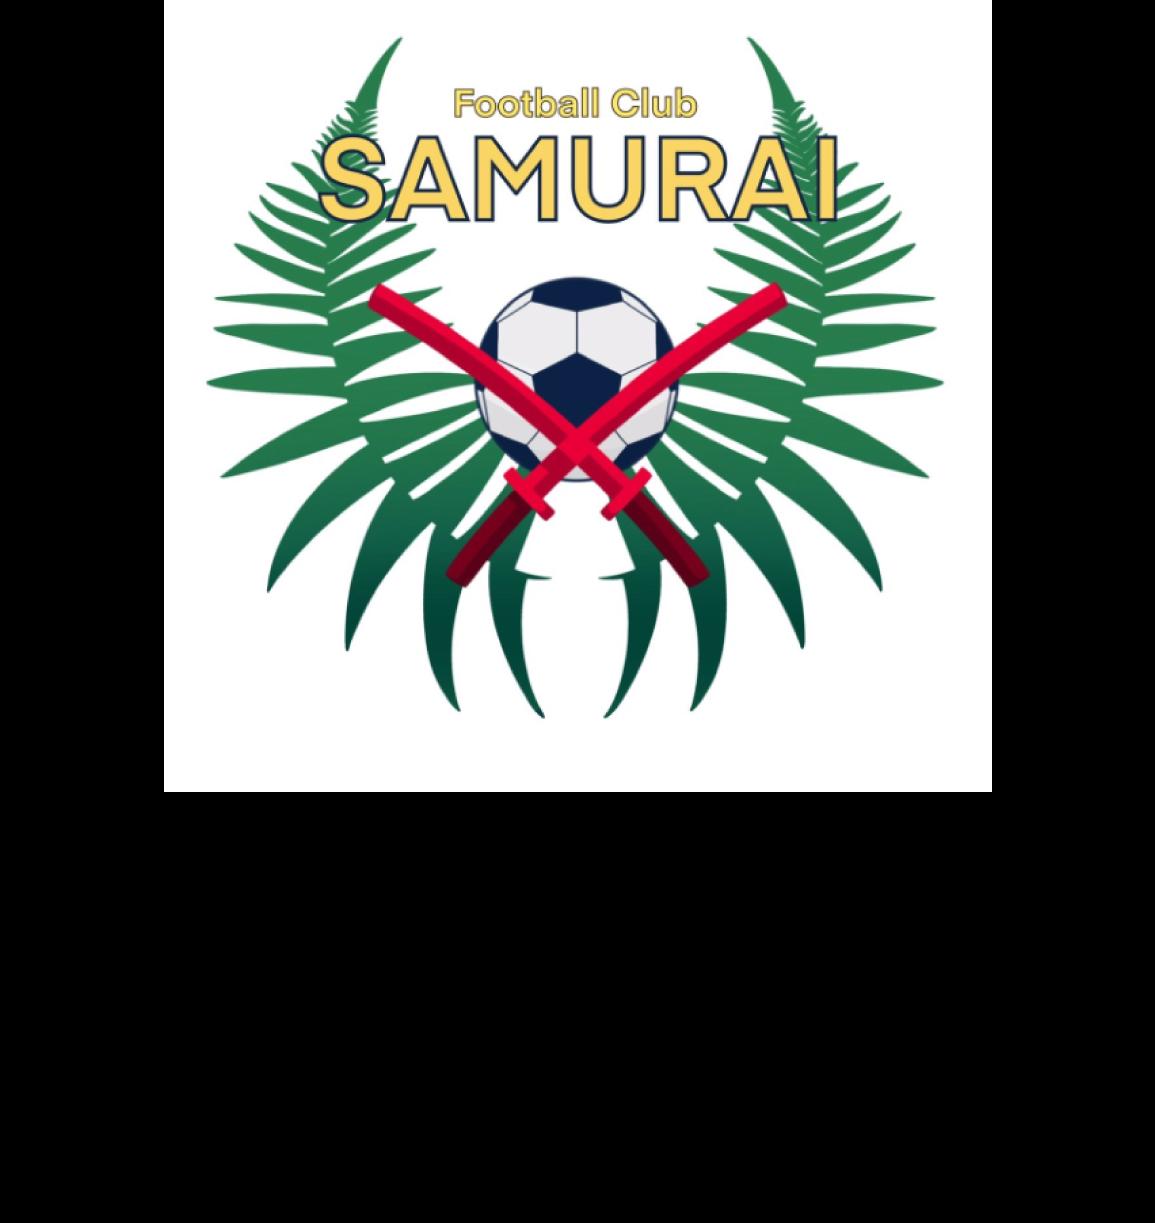 岡崎市のサッカースクール、サッカークラブで少年サッカー|FC.SAMURAI